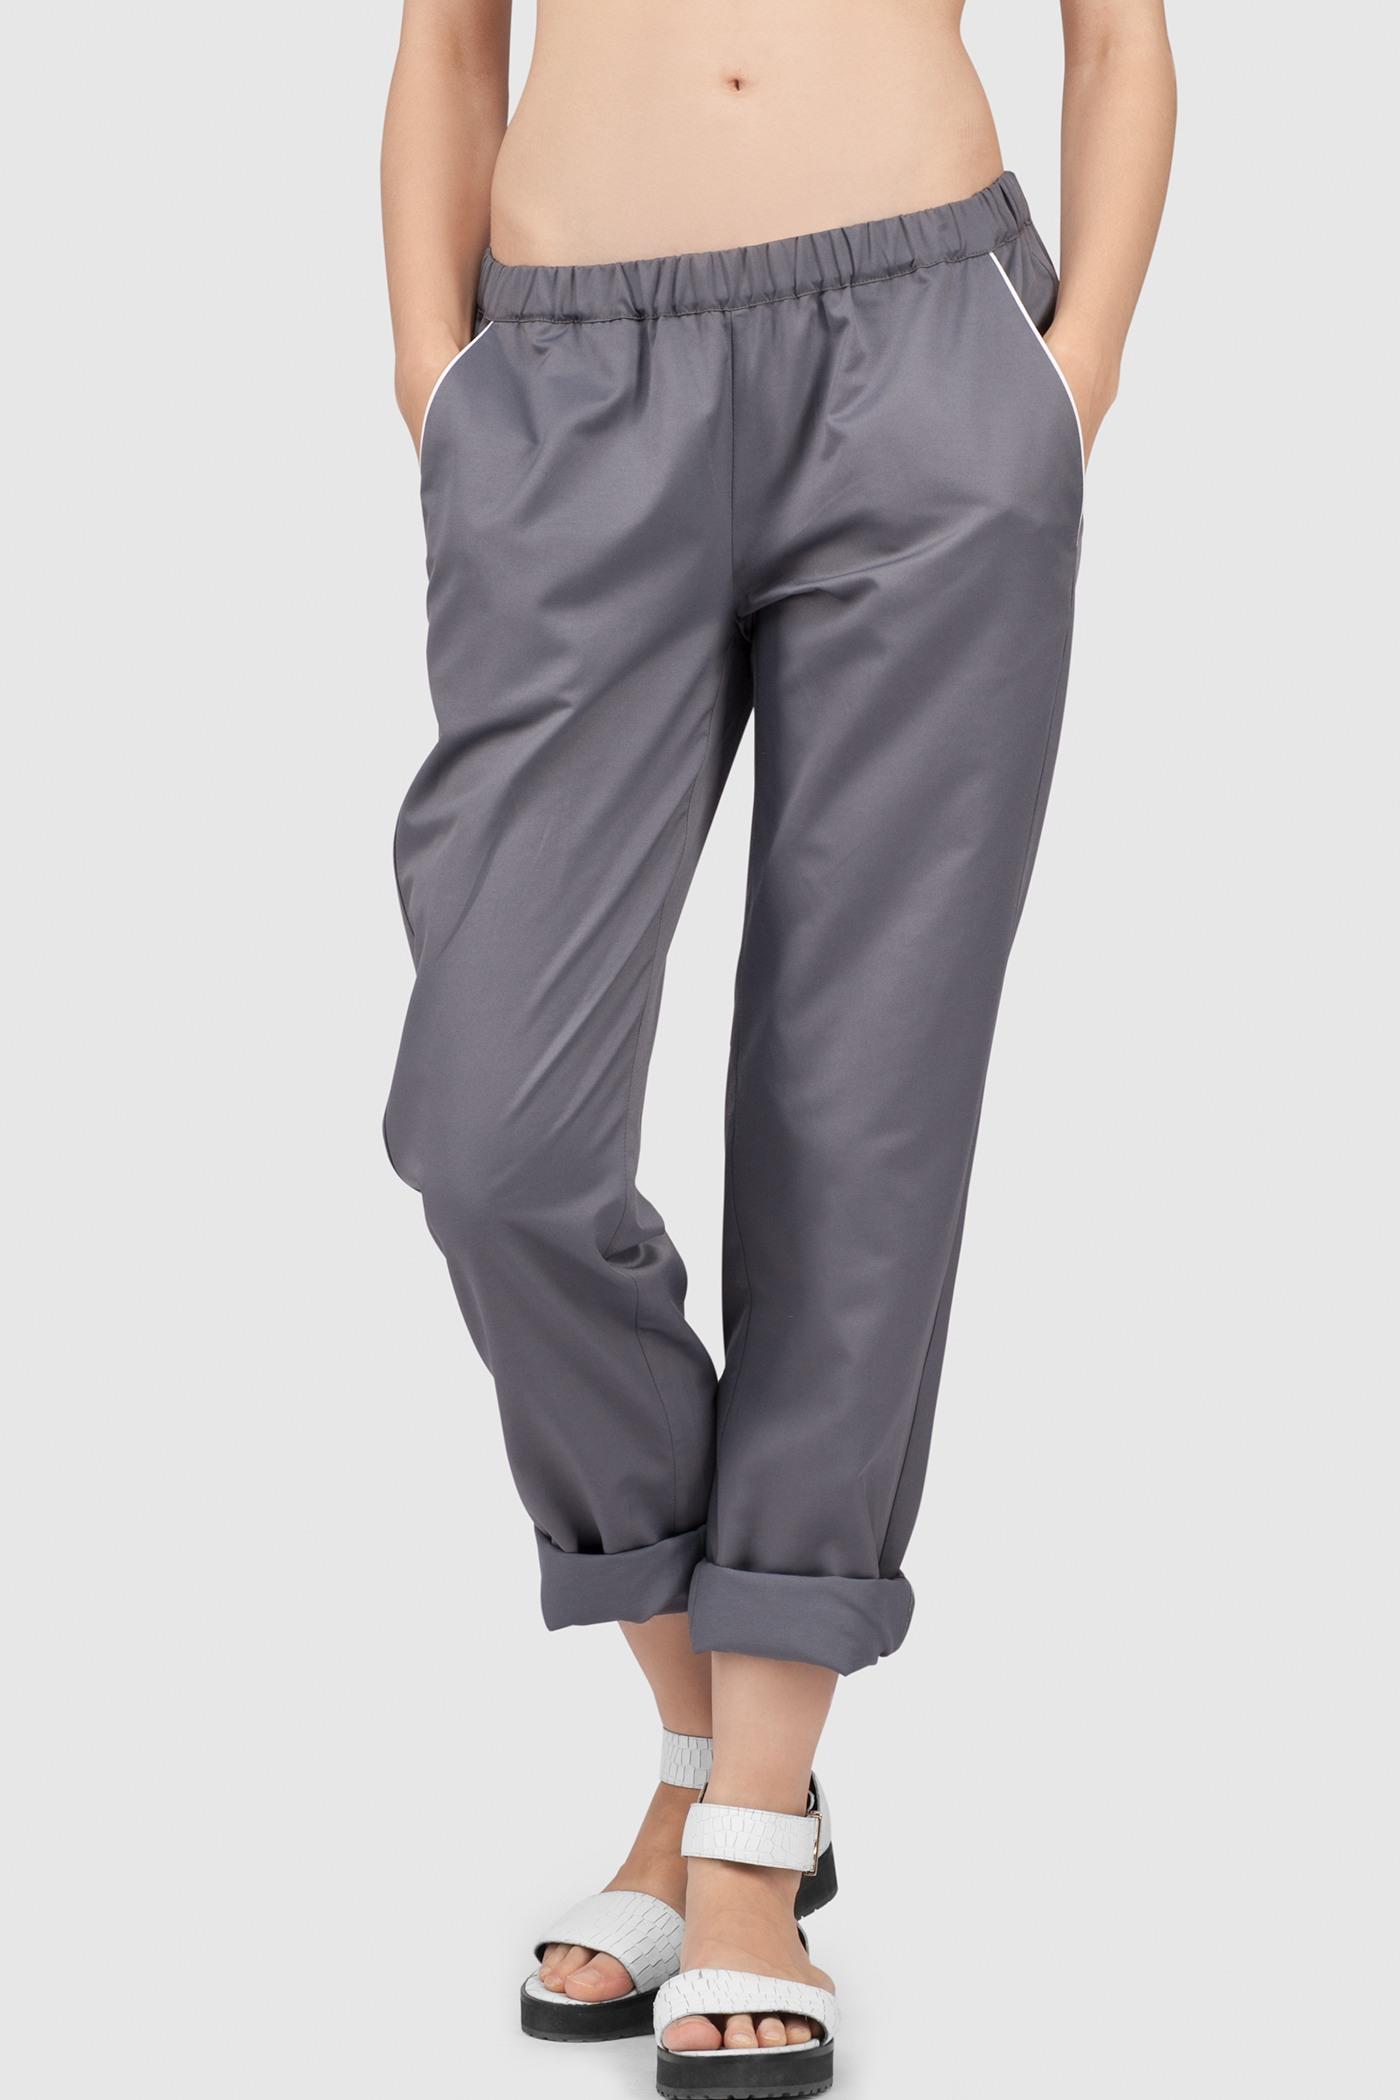 Пижамные брюкиПижамные брюки свободного кроя с заниженной линией талии из хлопка&#13;<br>&#13;<br>&#13;<br>Вместительные боковые карманы.&#13;<br>&#13;<br>Эластичная широкая резинка в поясе.&#13;<br>&#13;<br>Декоративные карманы сзади.<br><br>Цвет: Васильковый, Мелкий принт<br>Размер: XXS, XS